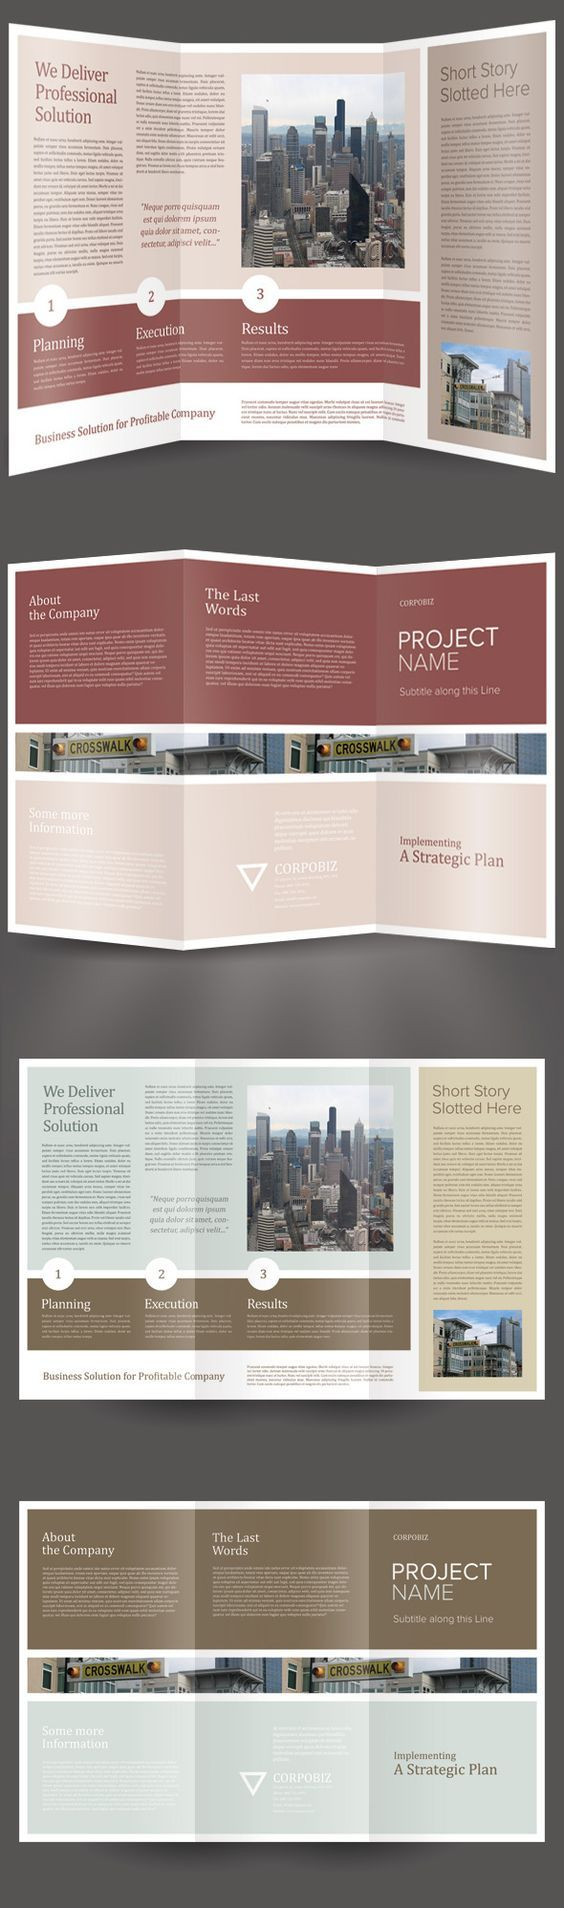 Corpobiz Trifold Brochure Template by Kinzi Wijaya: